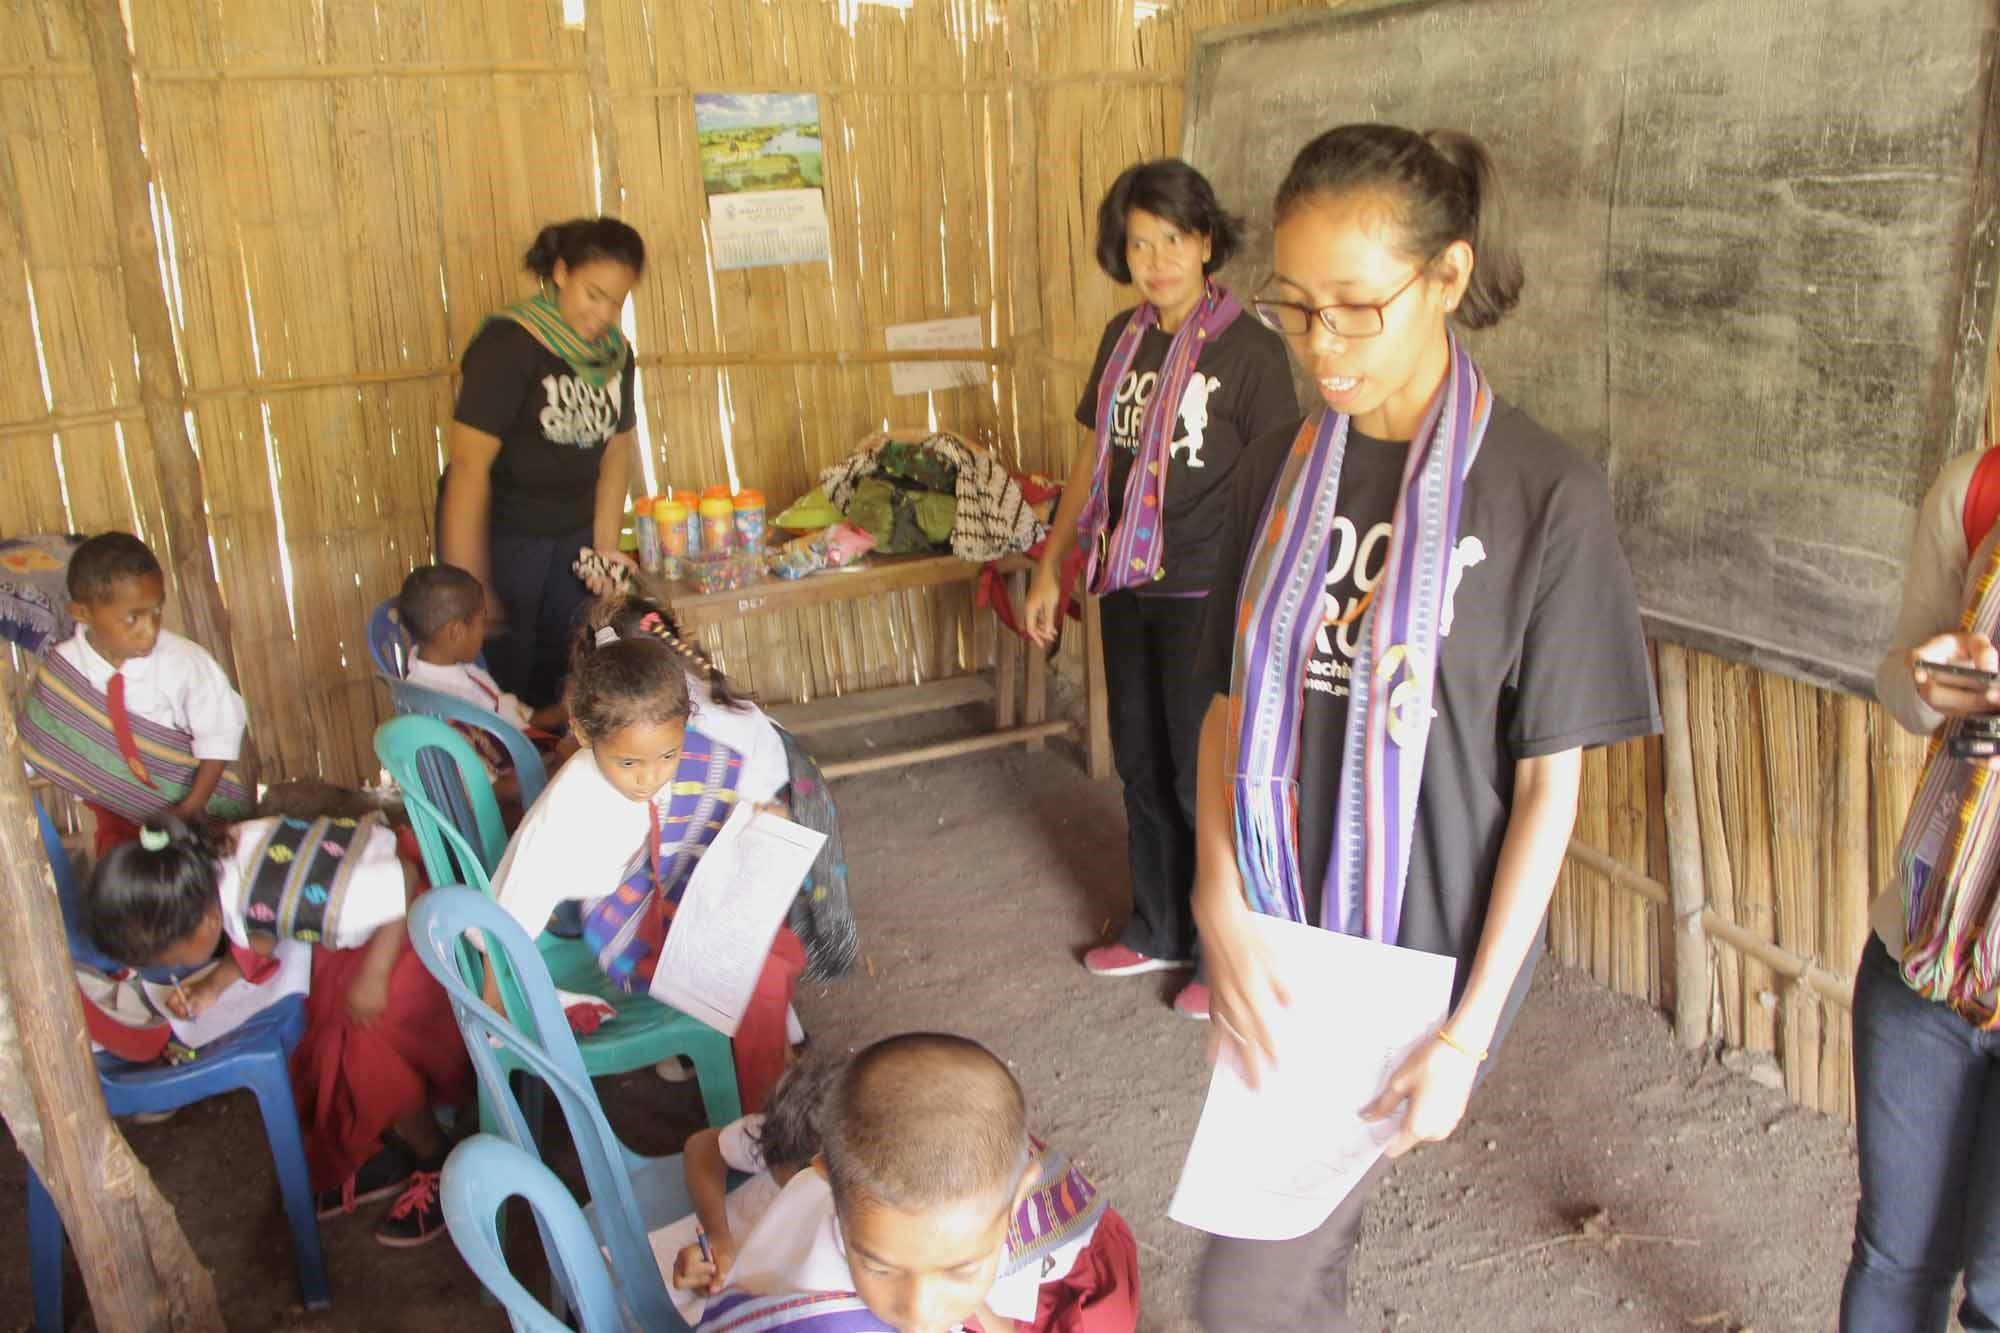 Para relawan Komunitas 1000 Guru yang datang dari beragam latar belakang berbagi ilmu seputar pengetahuan umum dan memotivasi murid-murid di SD Negeri Kofi, salah satu sekolah dasar yang masuk dalam Smart Center Project binaan Komunitas 1000 Guru yang didukung oleh PT Fast Food Indonesia.